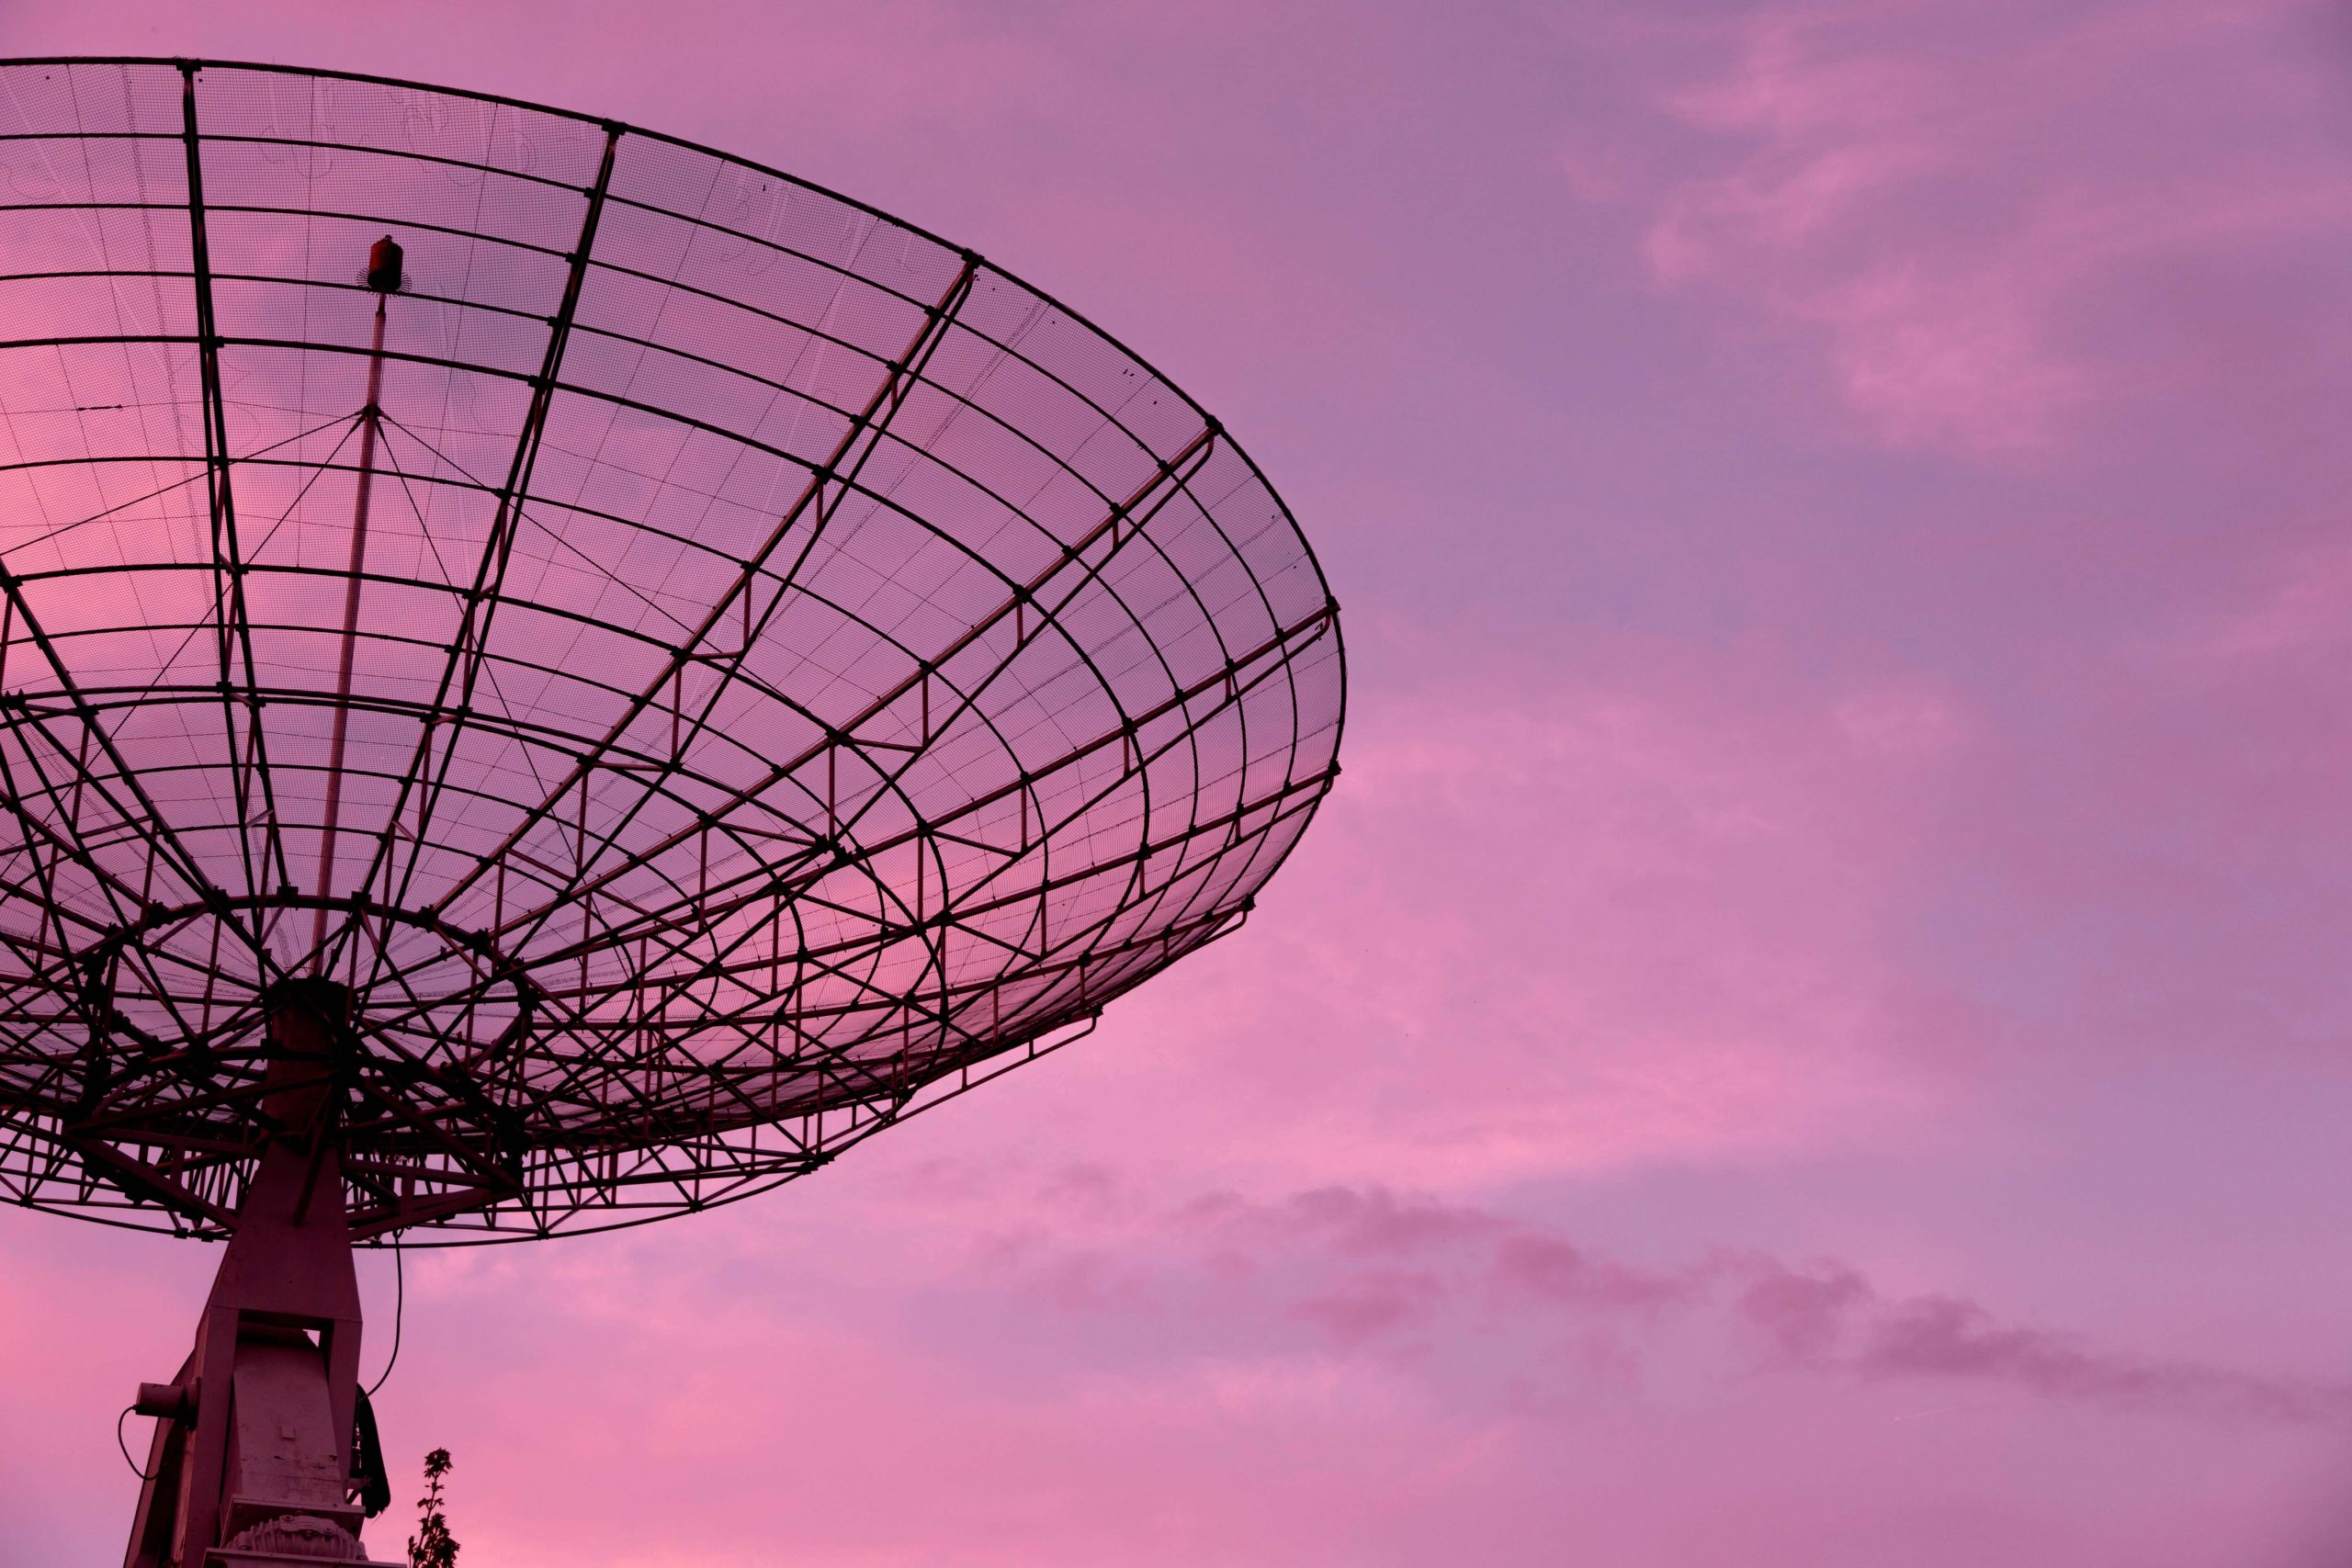 Yπηρεσία Λήψης Σημάτων Μέσω GPRS